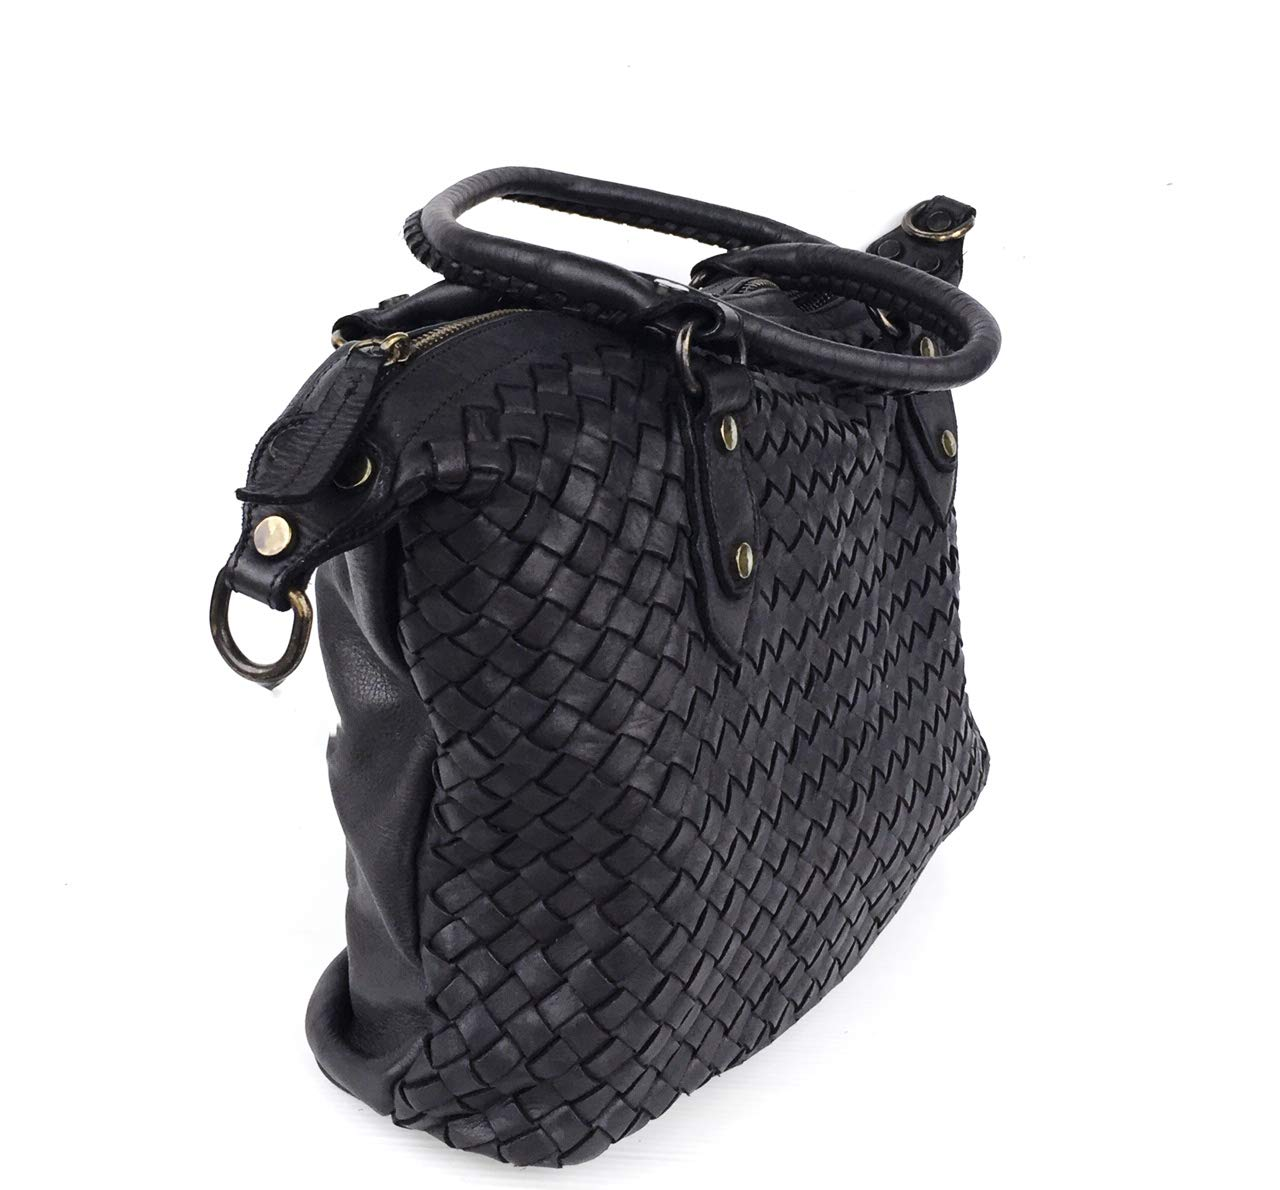 Superflygbags damväska hand- eller axelväska modell ALMERIA i äkta läder flätat Made In Italy svart